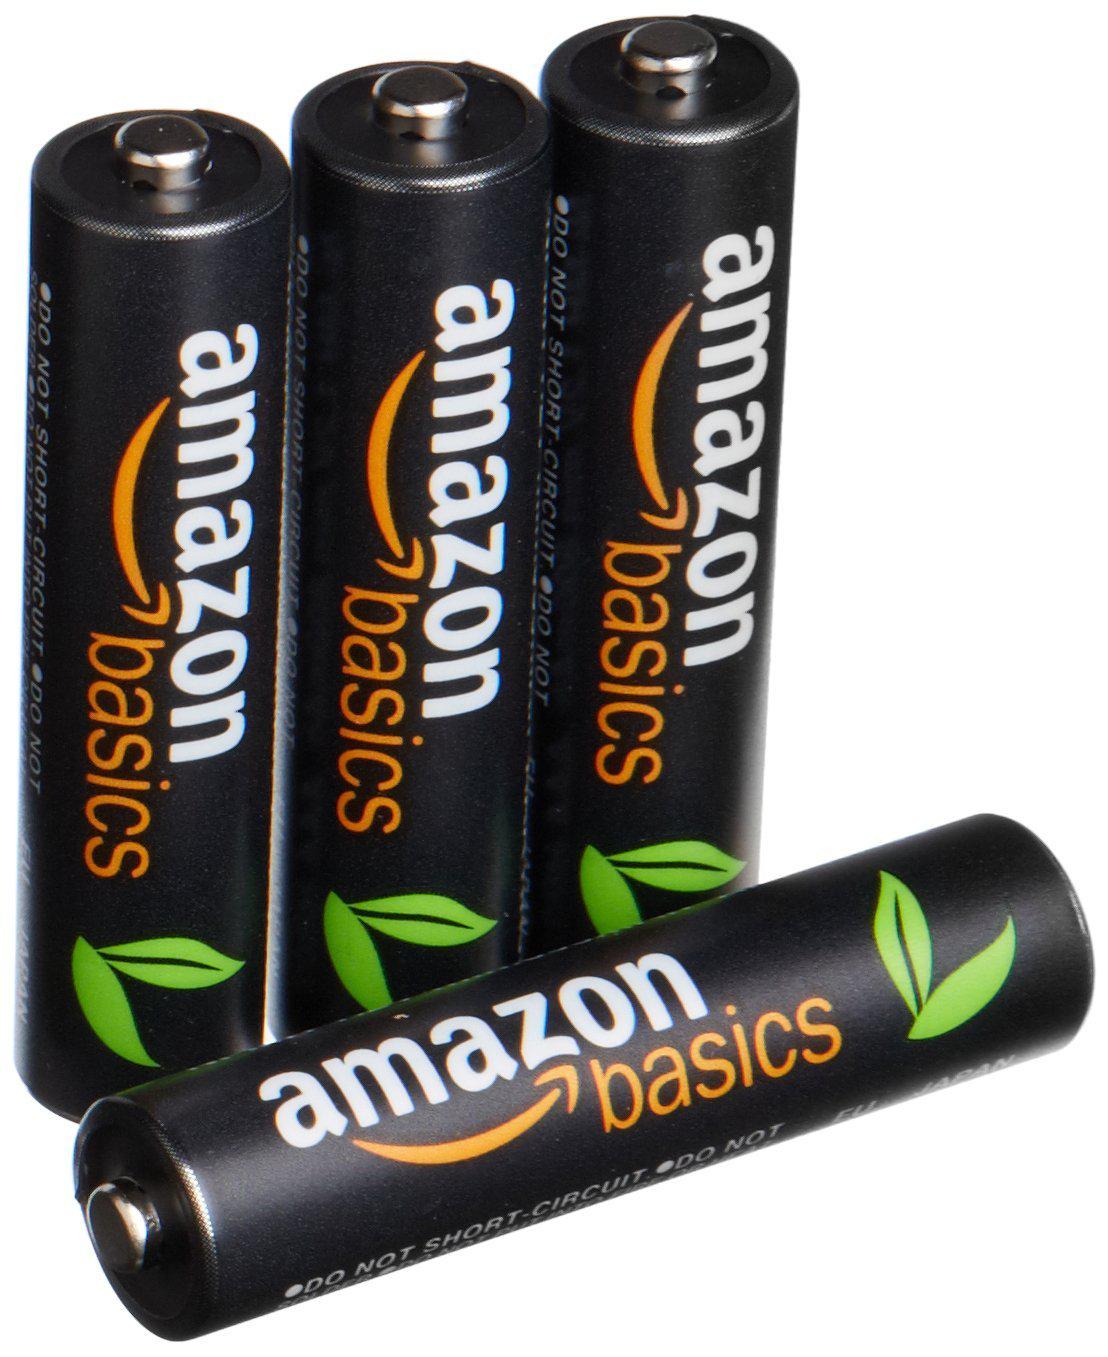 Lot de 4 piles AAA rechargeables Ni-MH AmazonBasics - 850 mAh